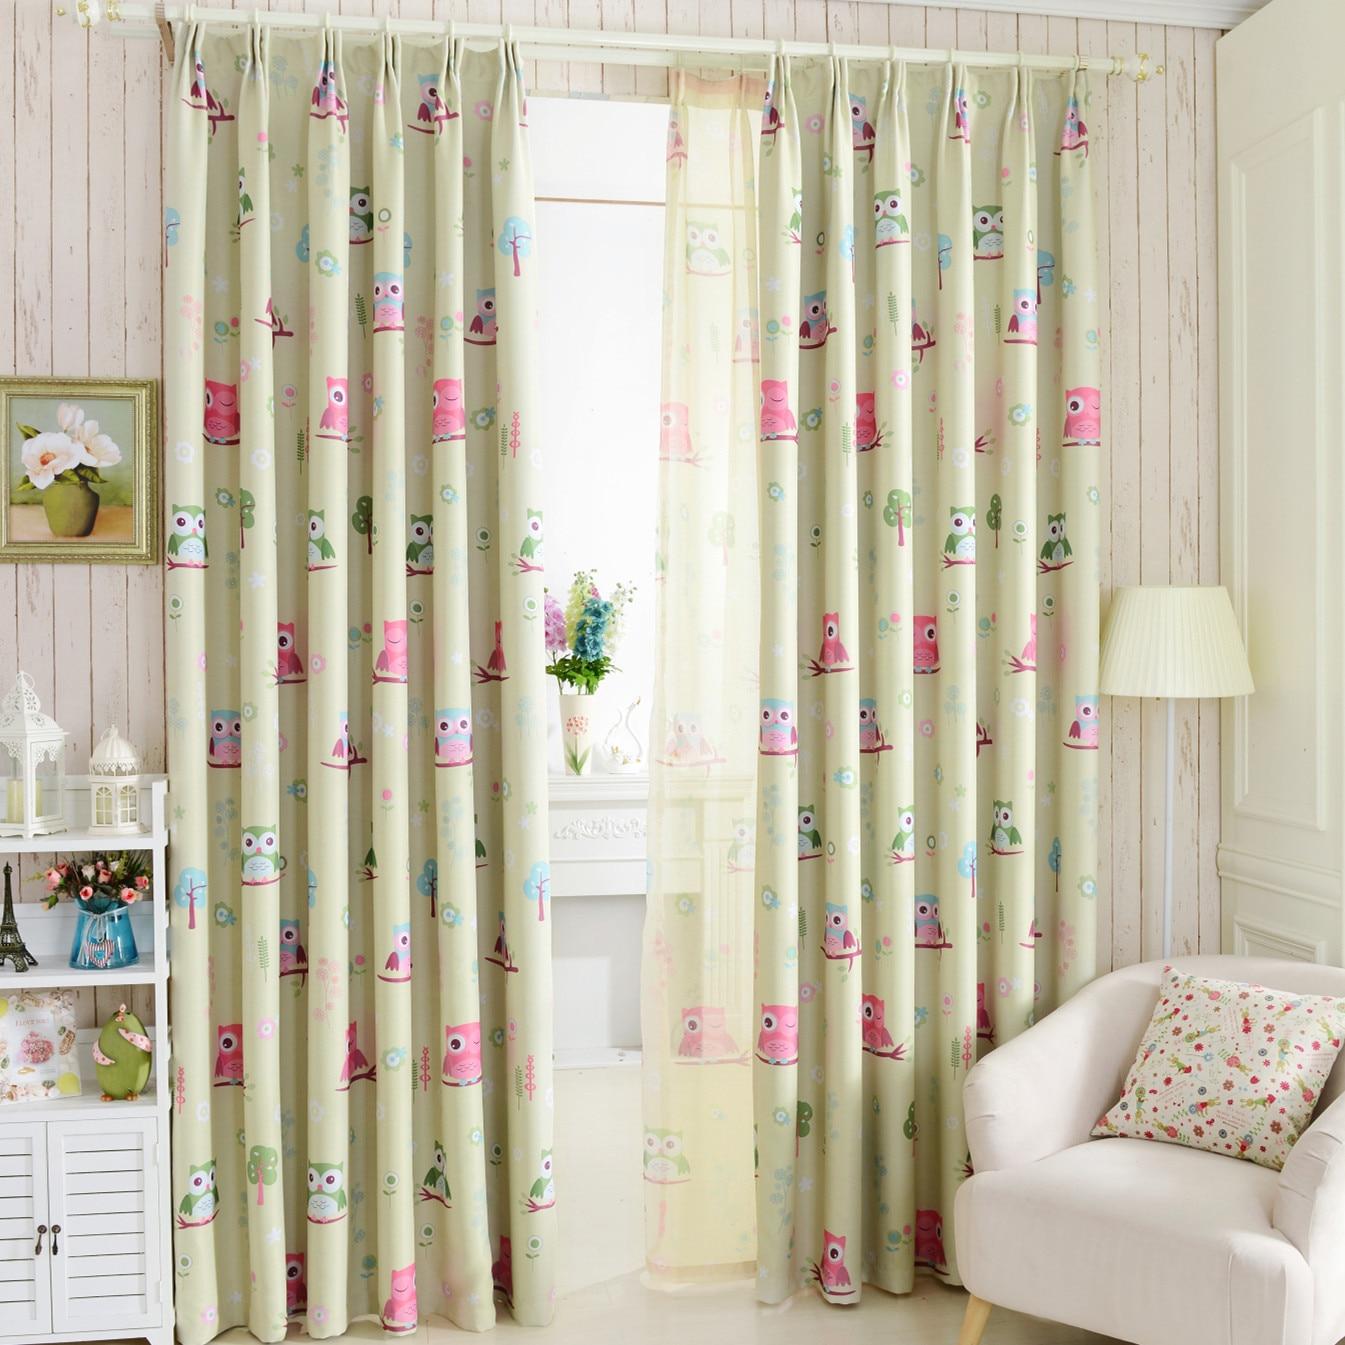 achetez en gros hibou rideau en ligne des grossistes hibou rideau chinois. Black Bedroom Furniture Sets. Home Design Ideas